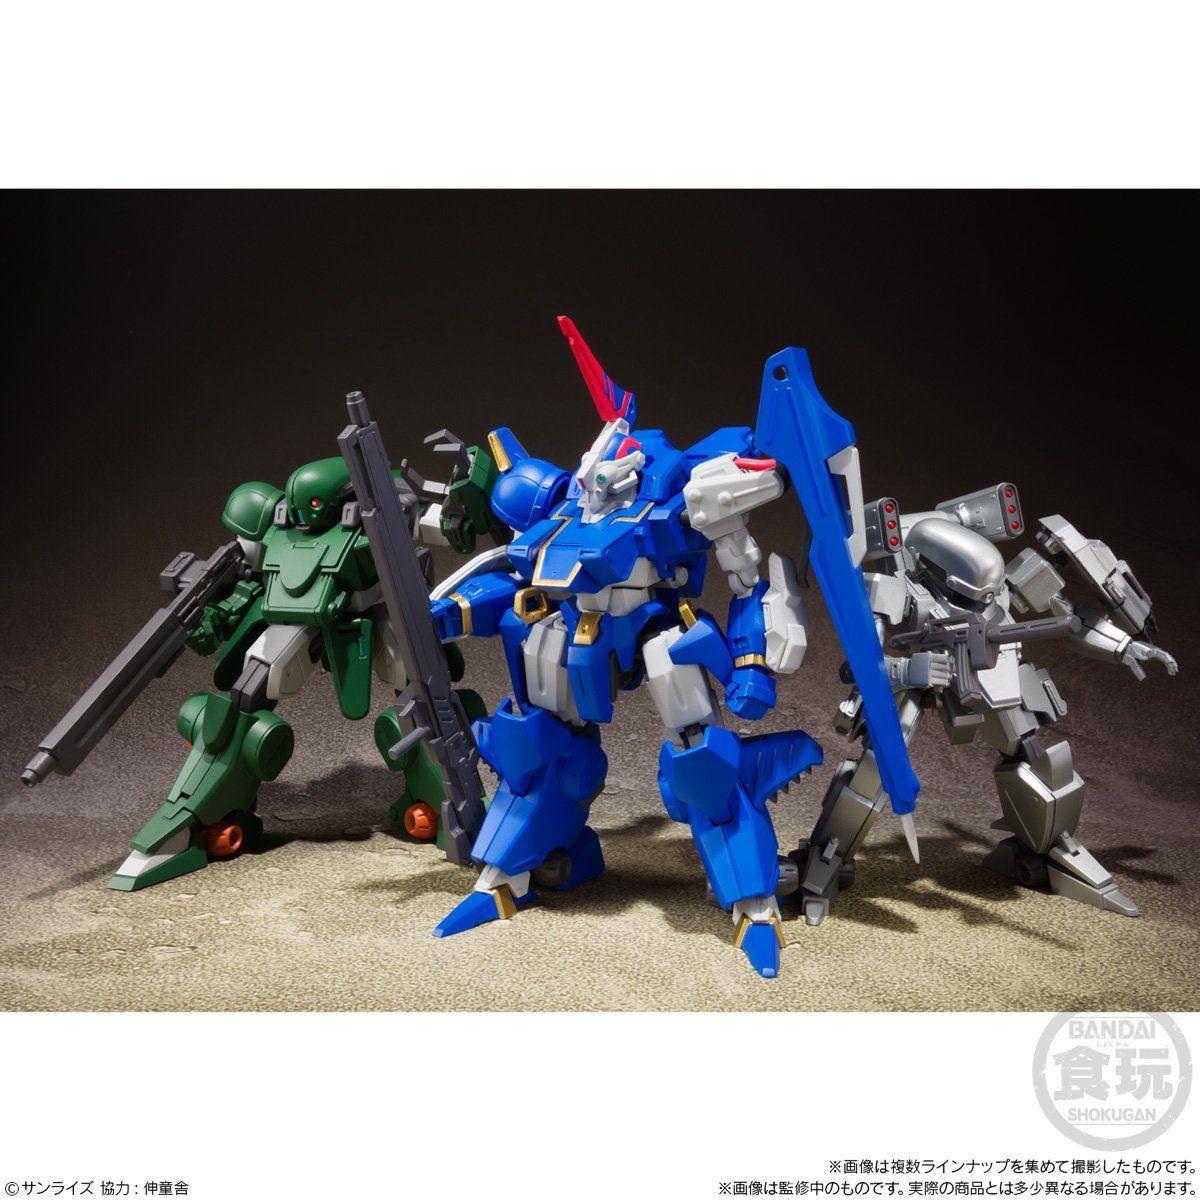 【食玩】スーパーミニプラ『青の騎士ベルゼルガ物語 Vol.3』プラモデル 3個入りBOX-009